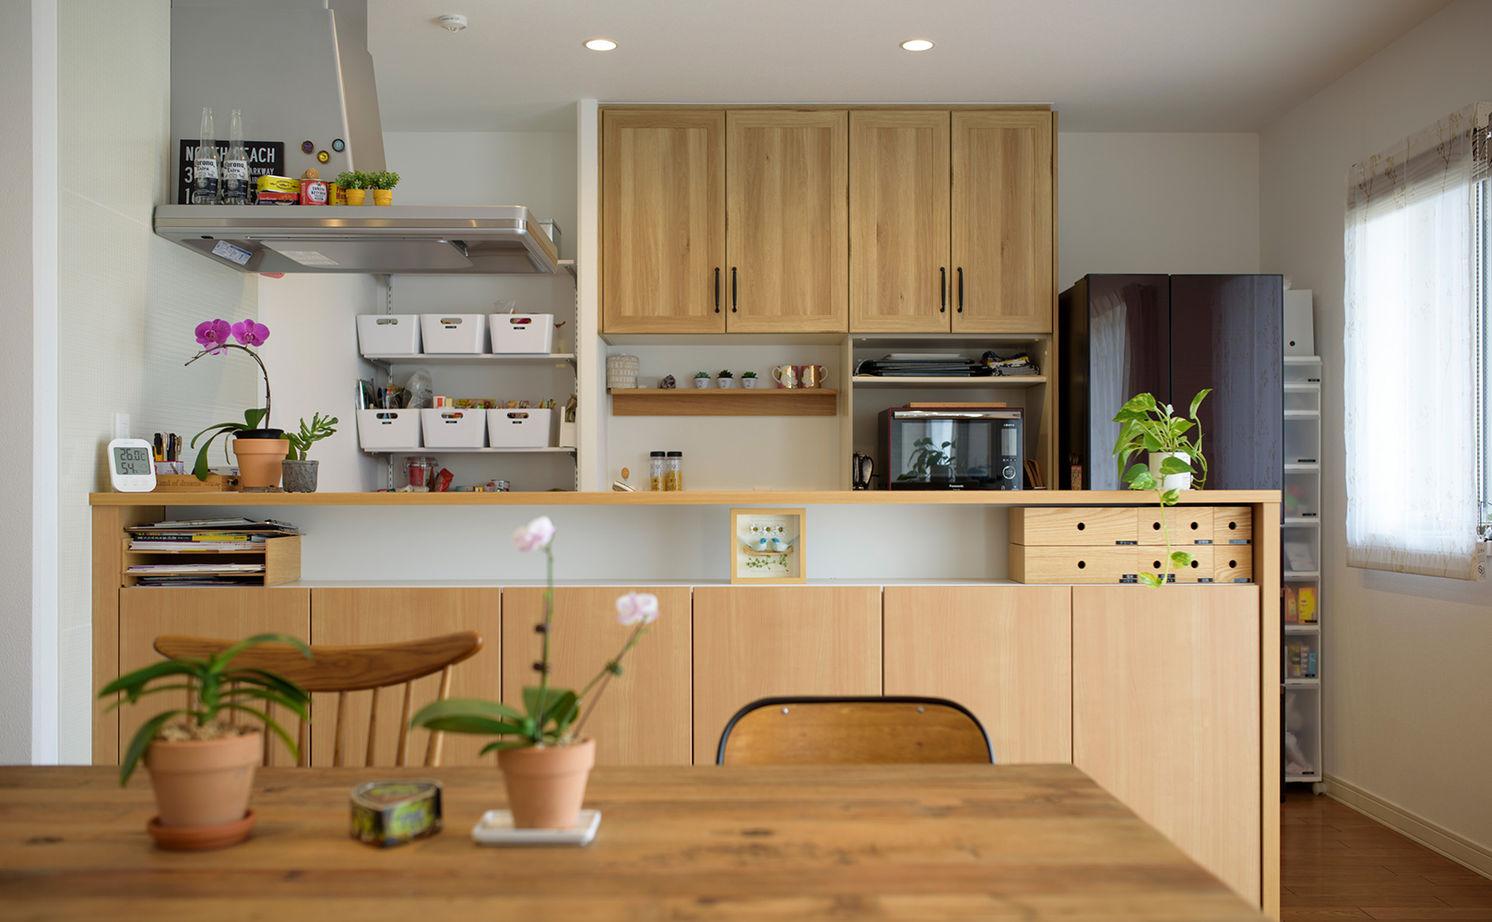 伸びやかな大空間に、植物の緑が映える洗練されたインテリア。カフェのようなくつろぎの住まい画像3